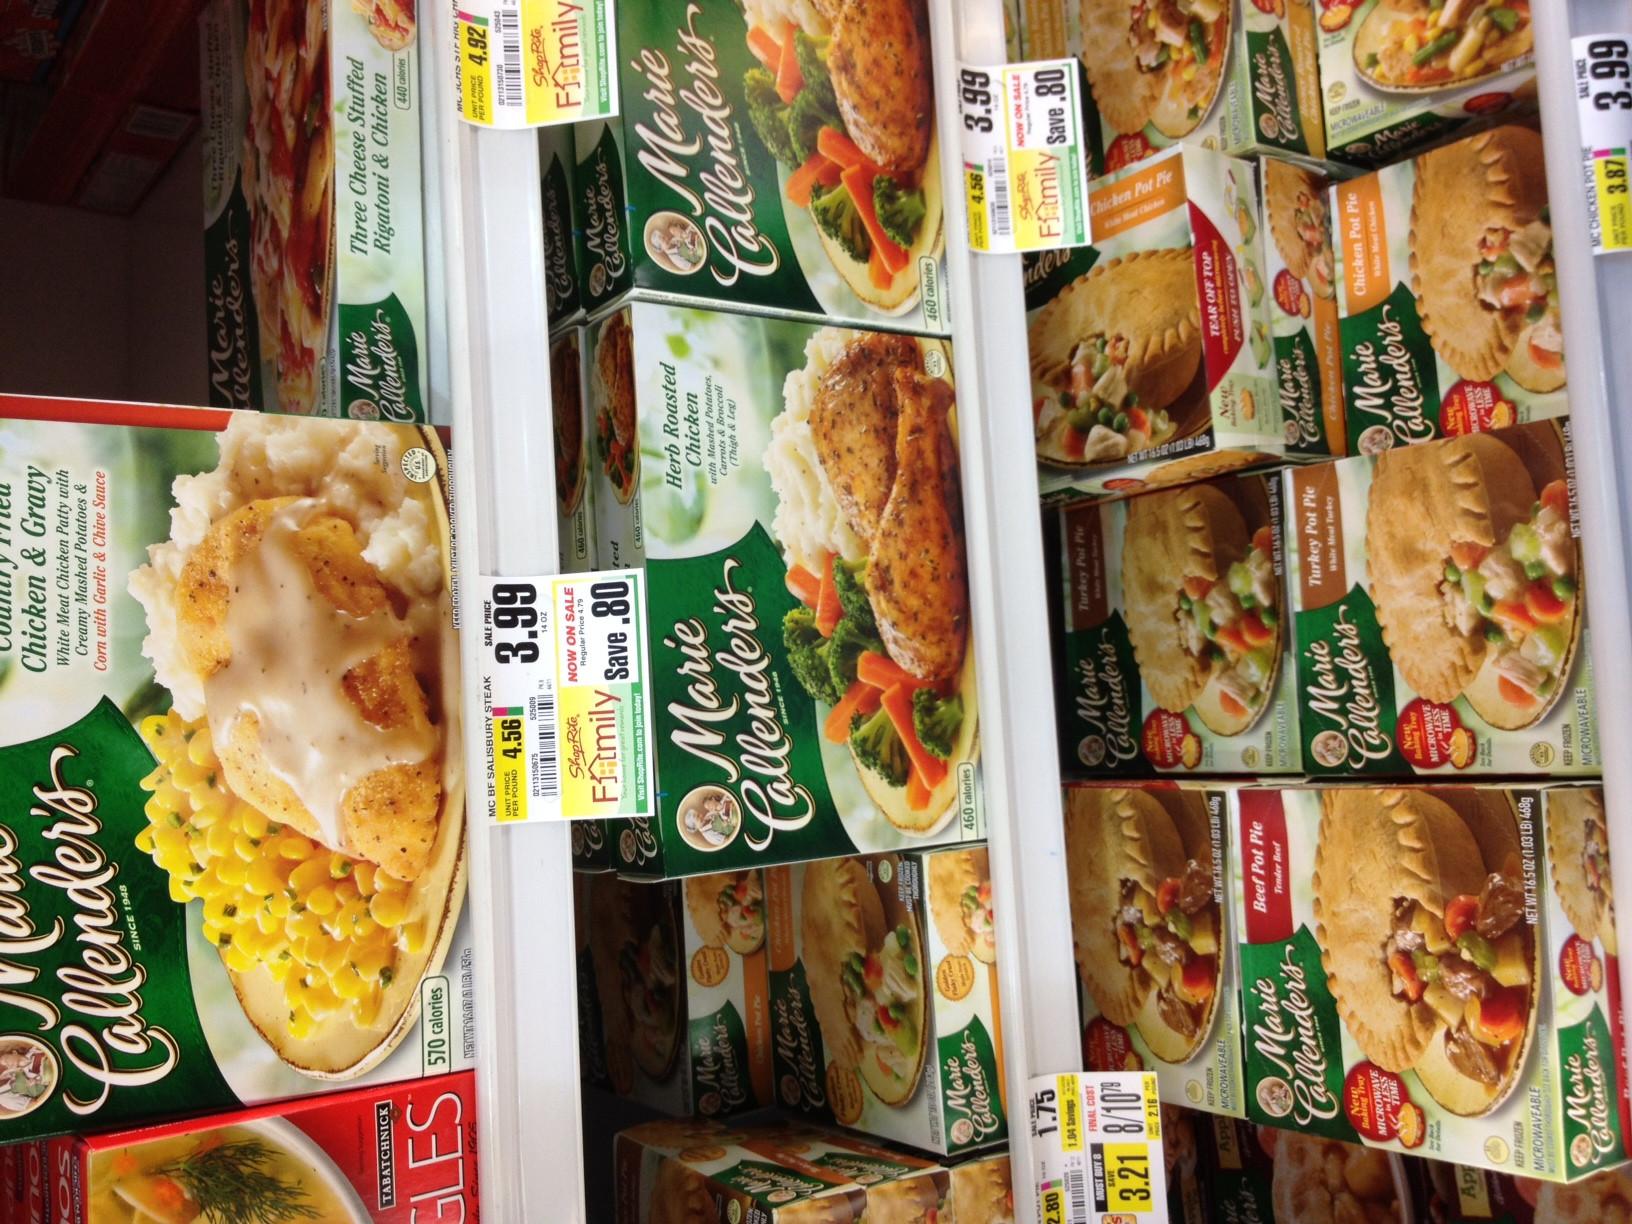 Marie Calendar Frozen Dinners  Review Marie Callender's Pot Pies